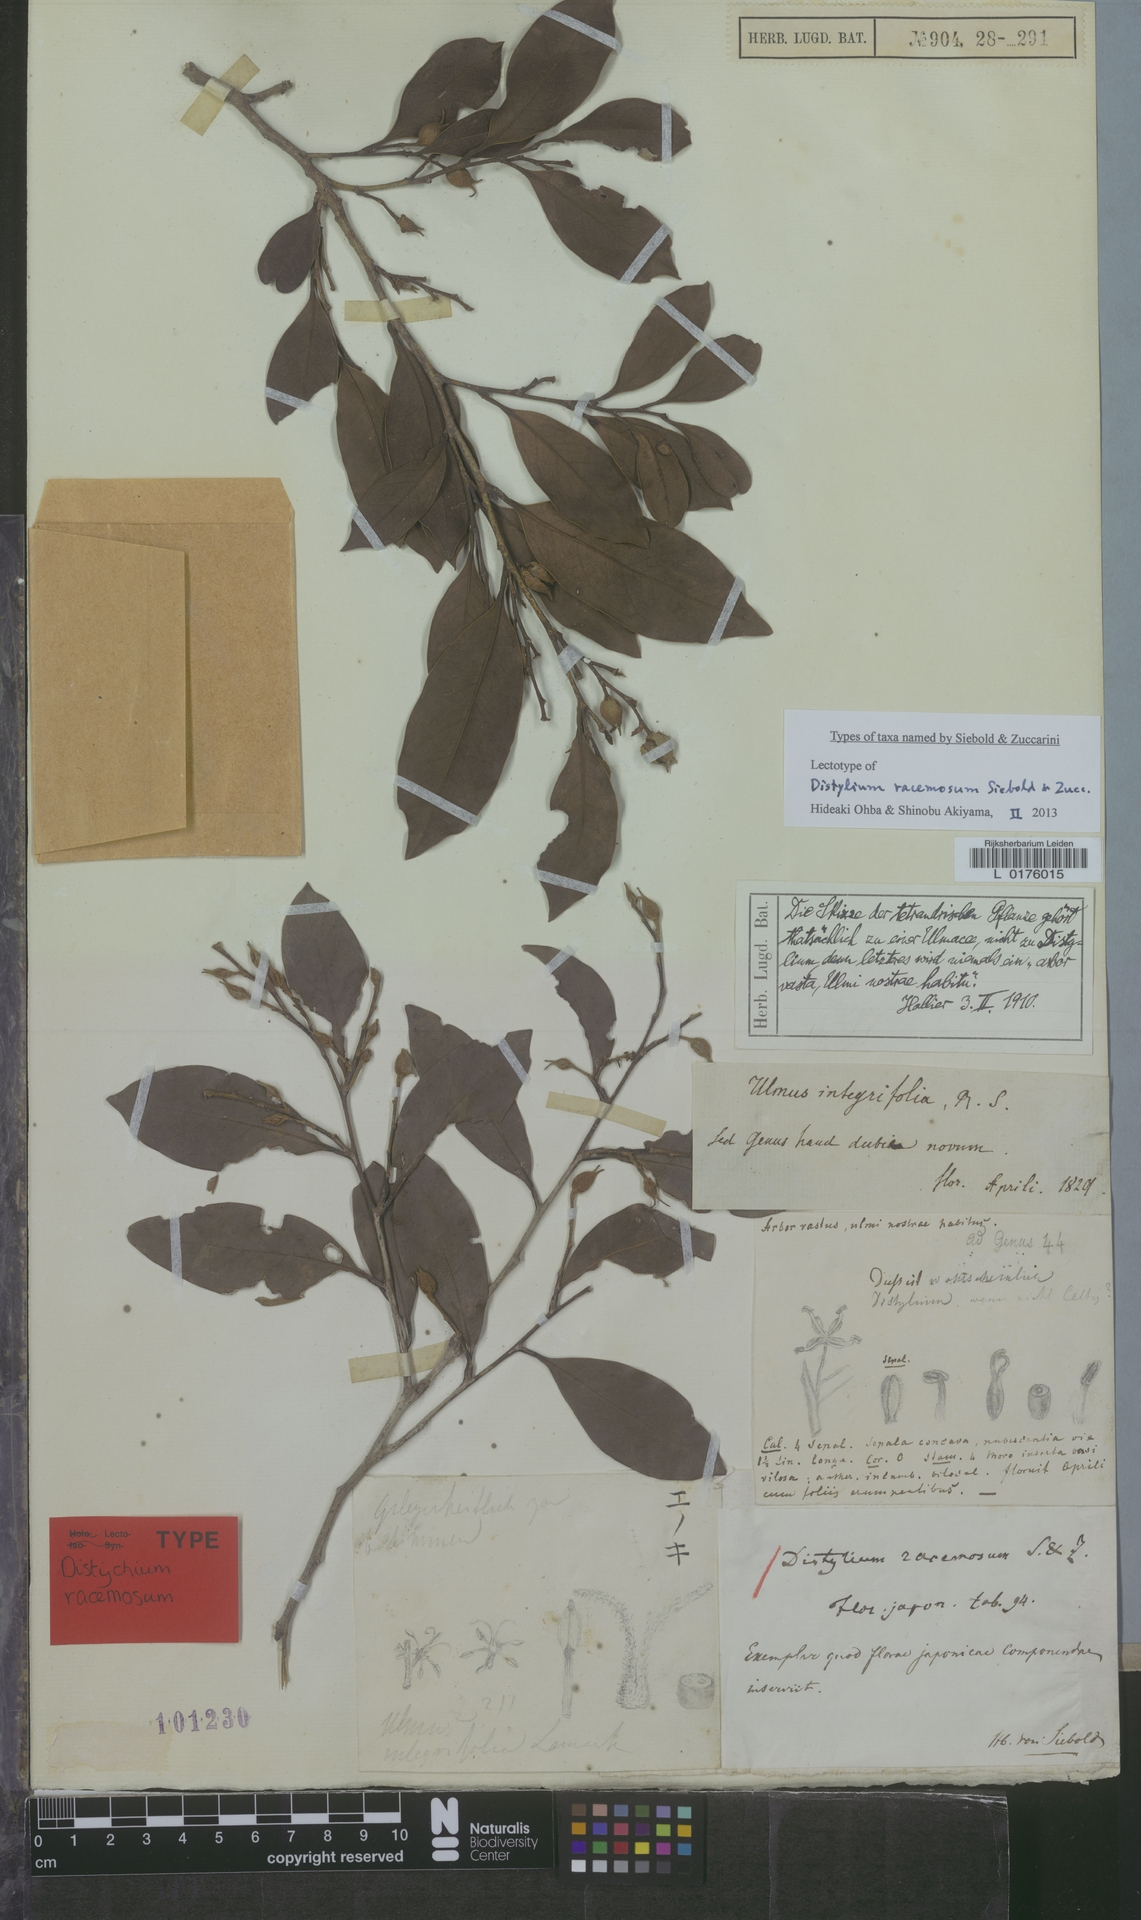 L  0176015   Distylium racemosum Siebold & Zucc.